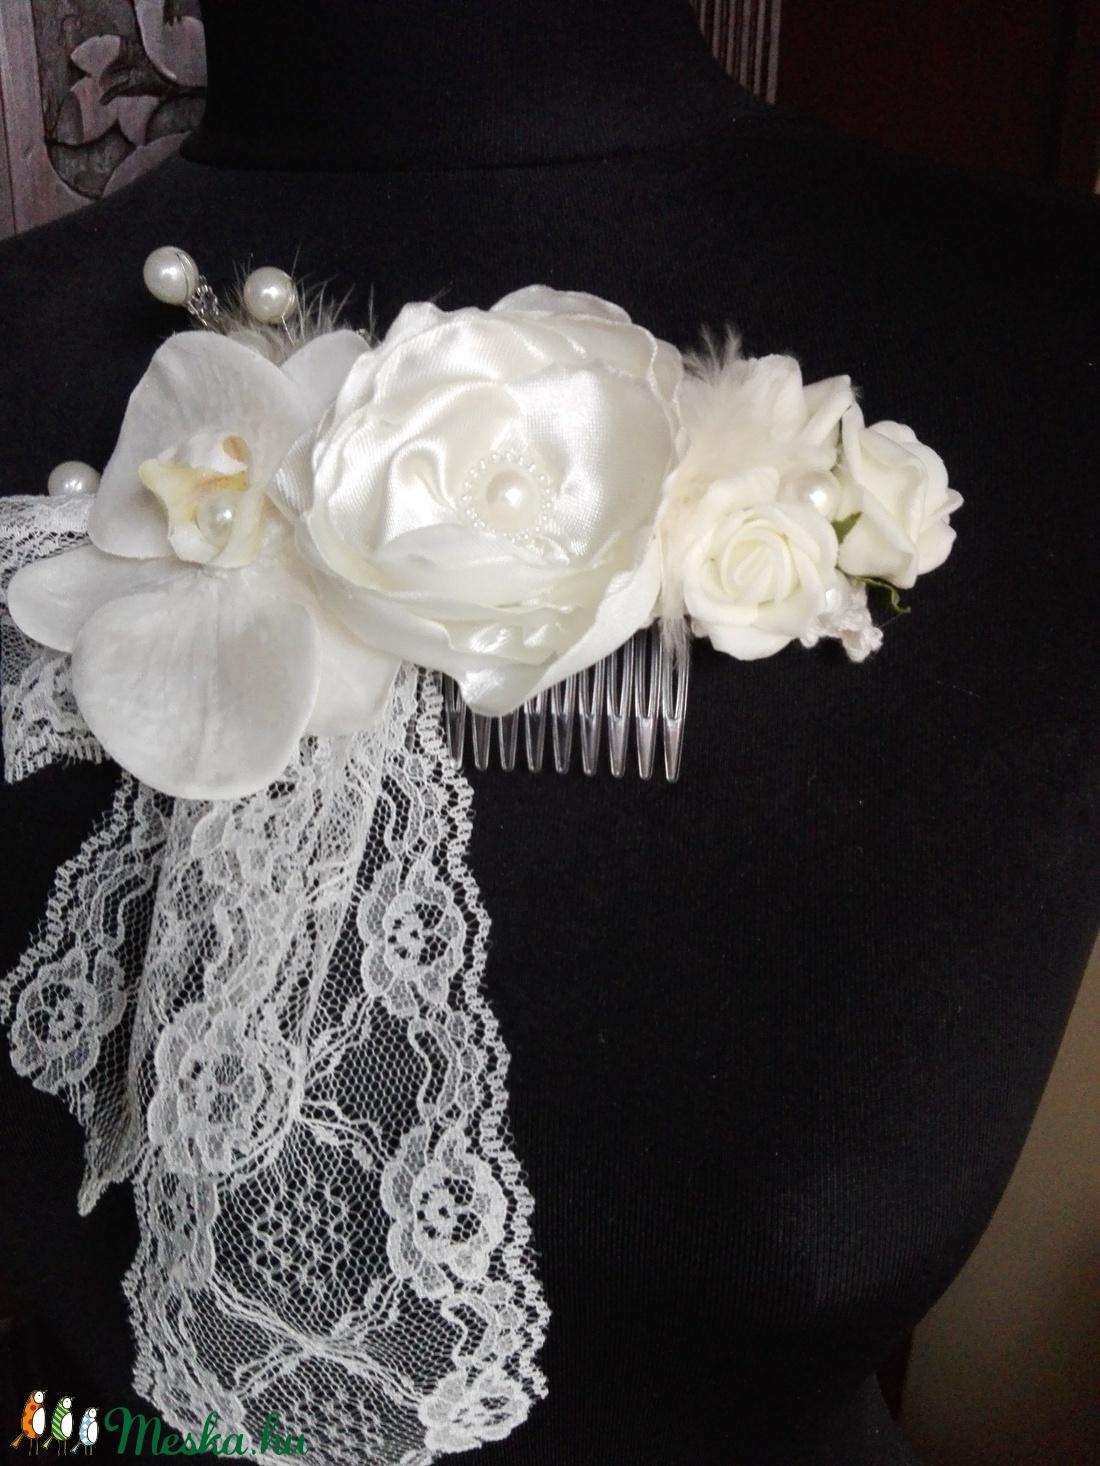 Vintage hajdísz orchideával esküvőre - esküvő - hajdísz - fésűs hajdísz - Meska.hu